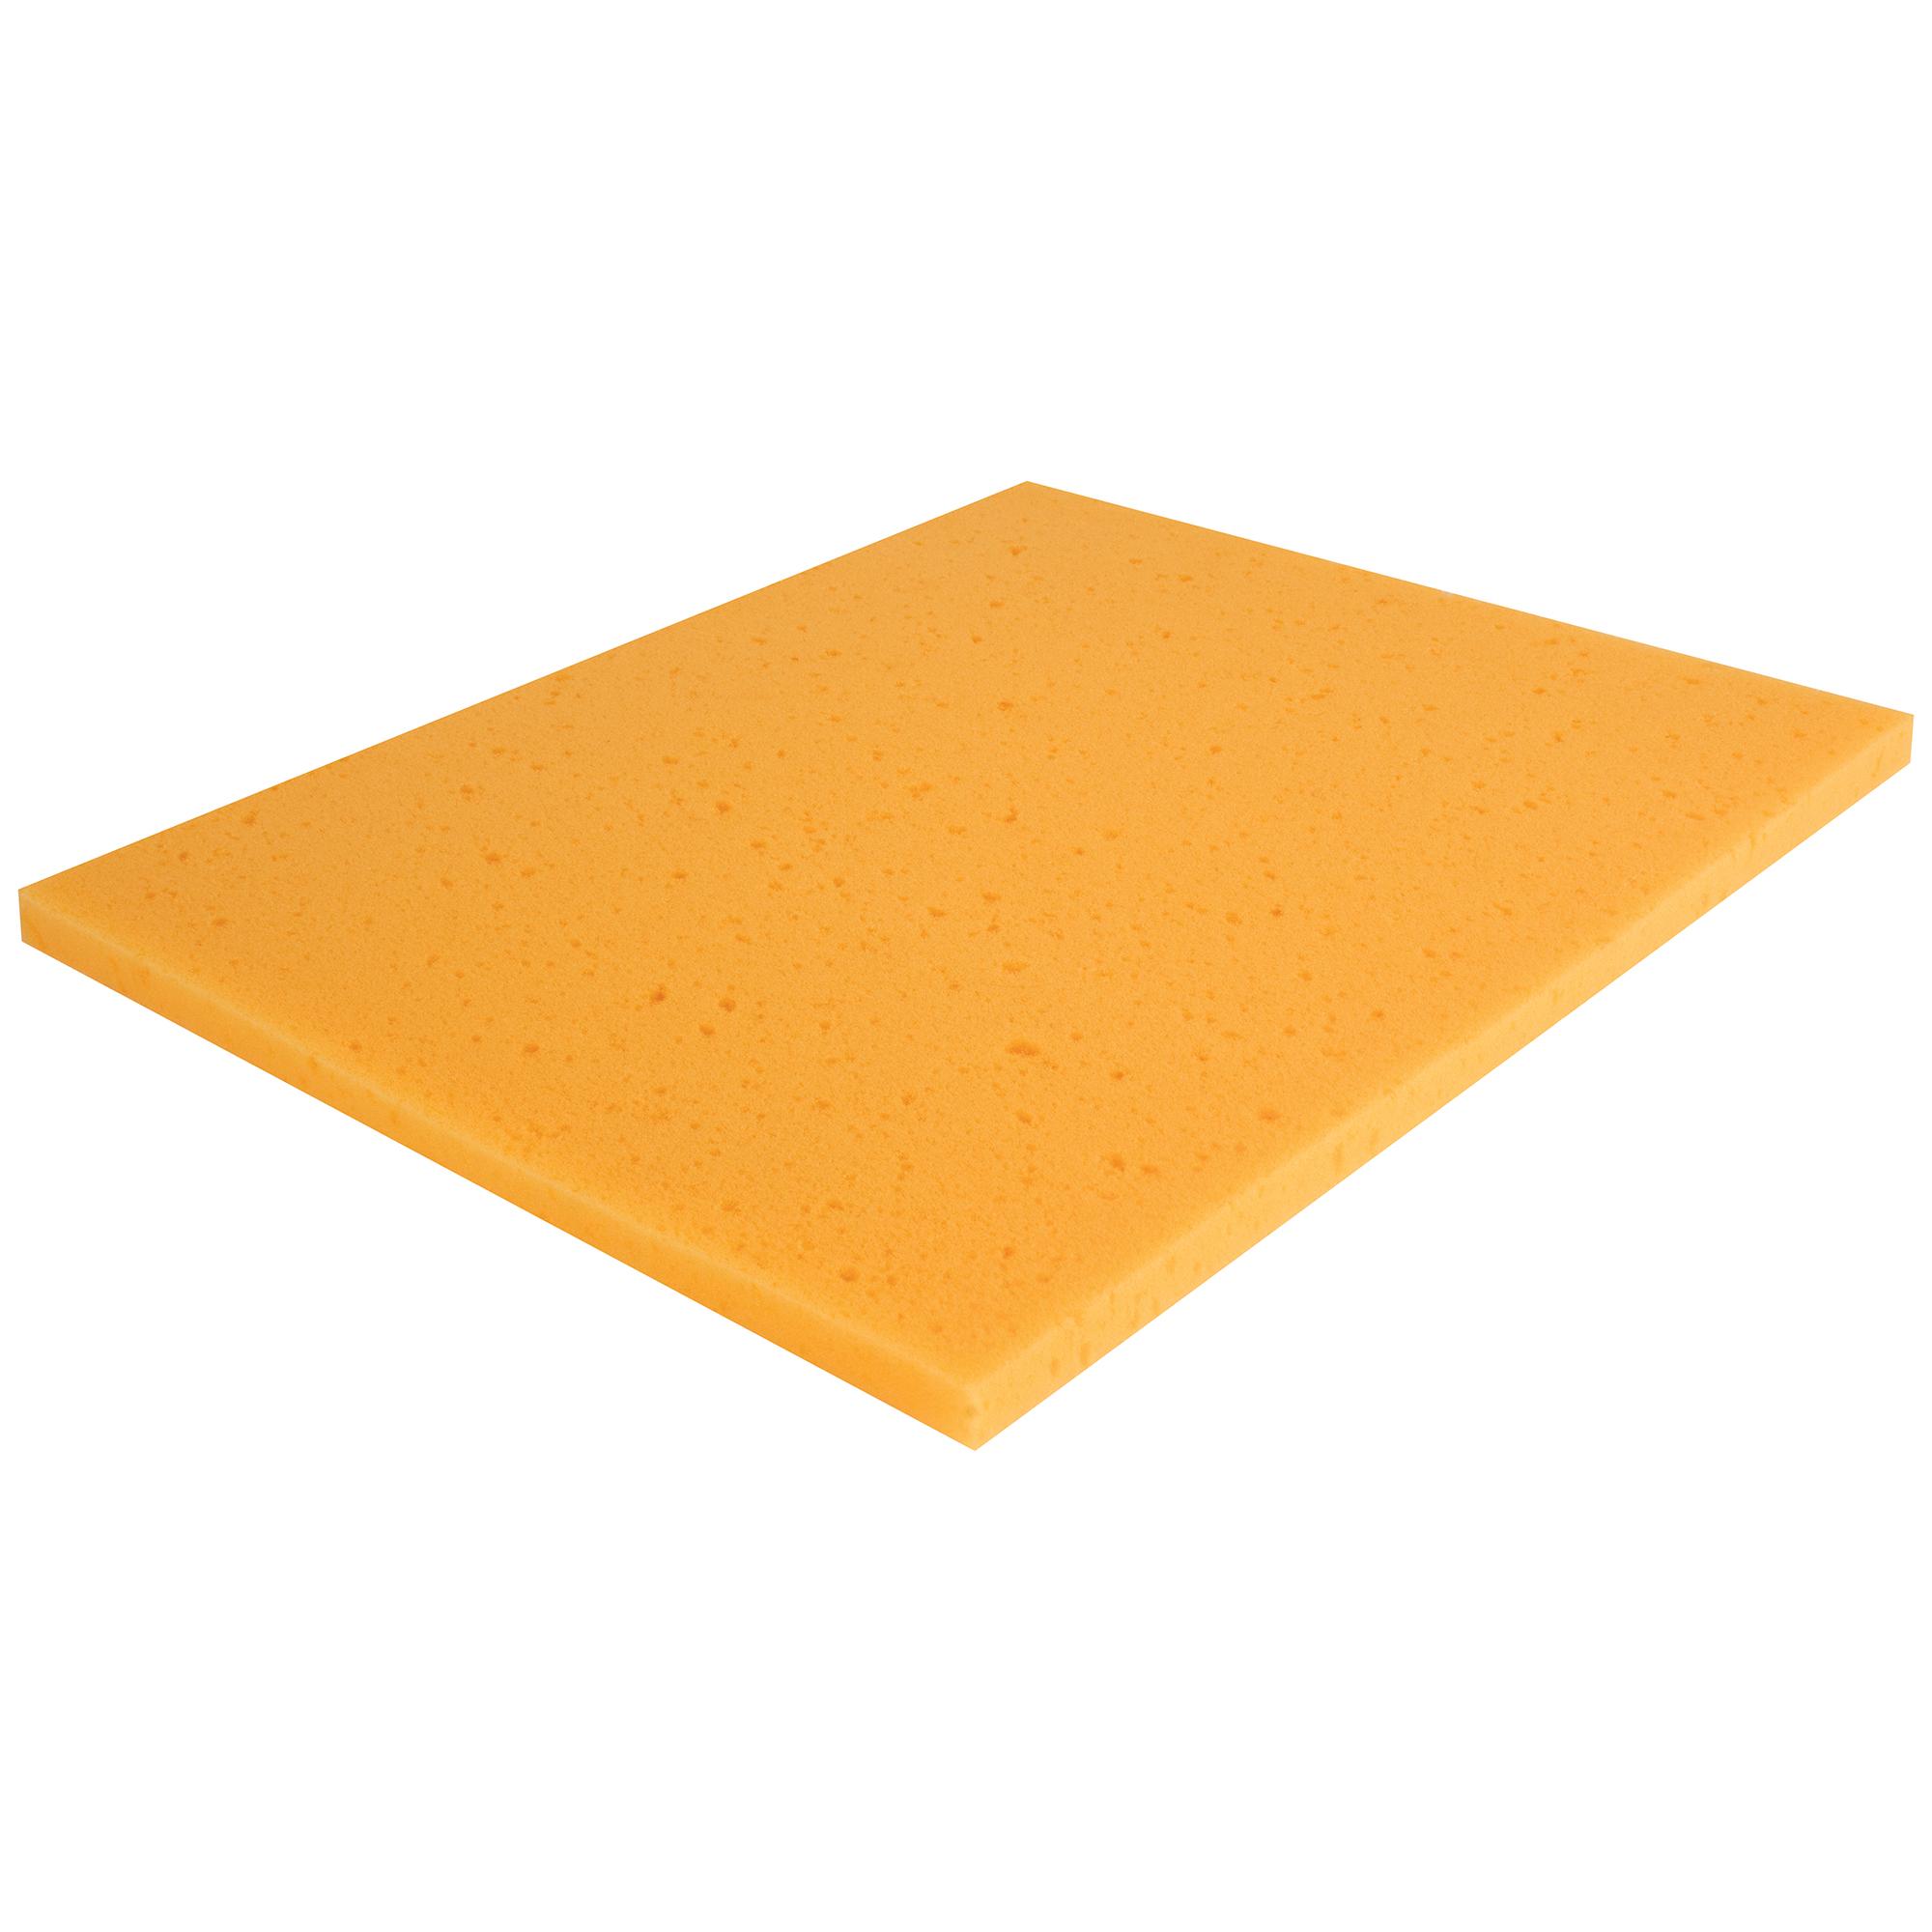 Sponge Sheet